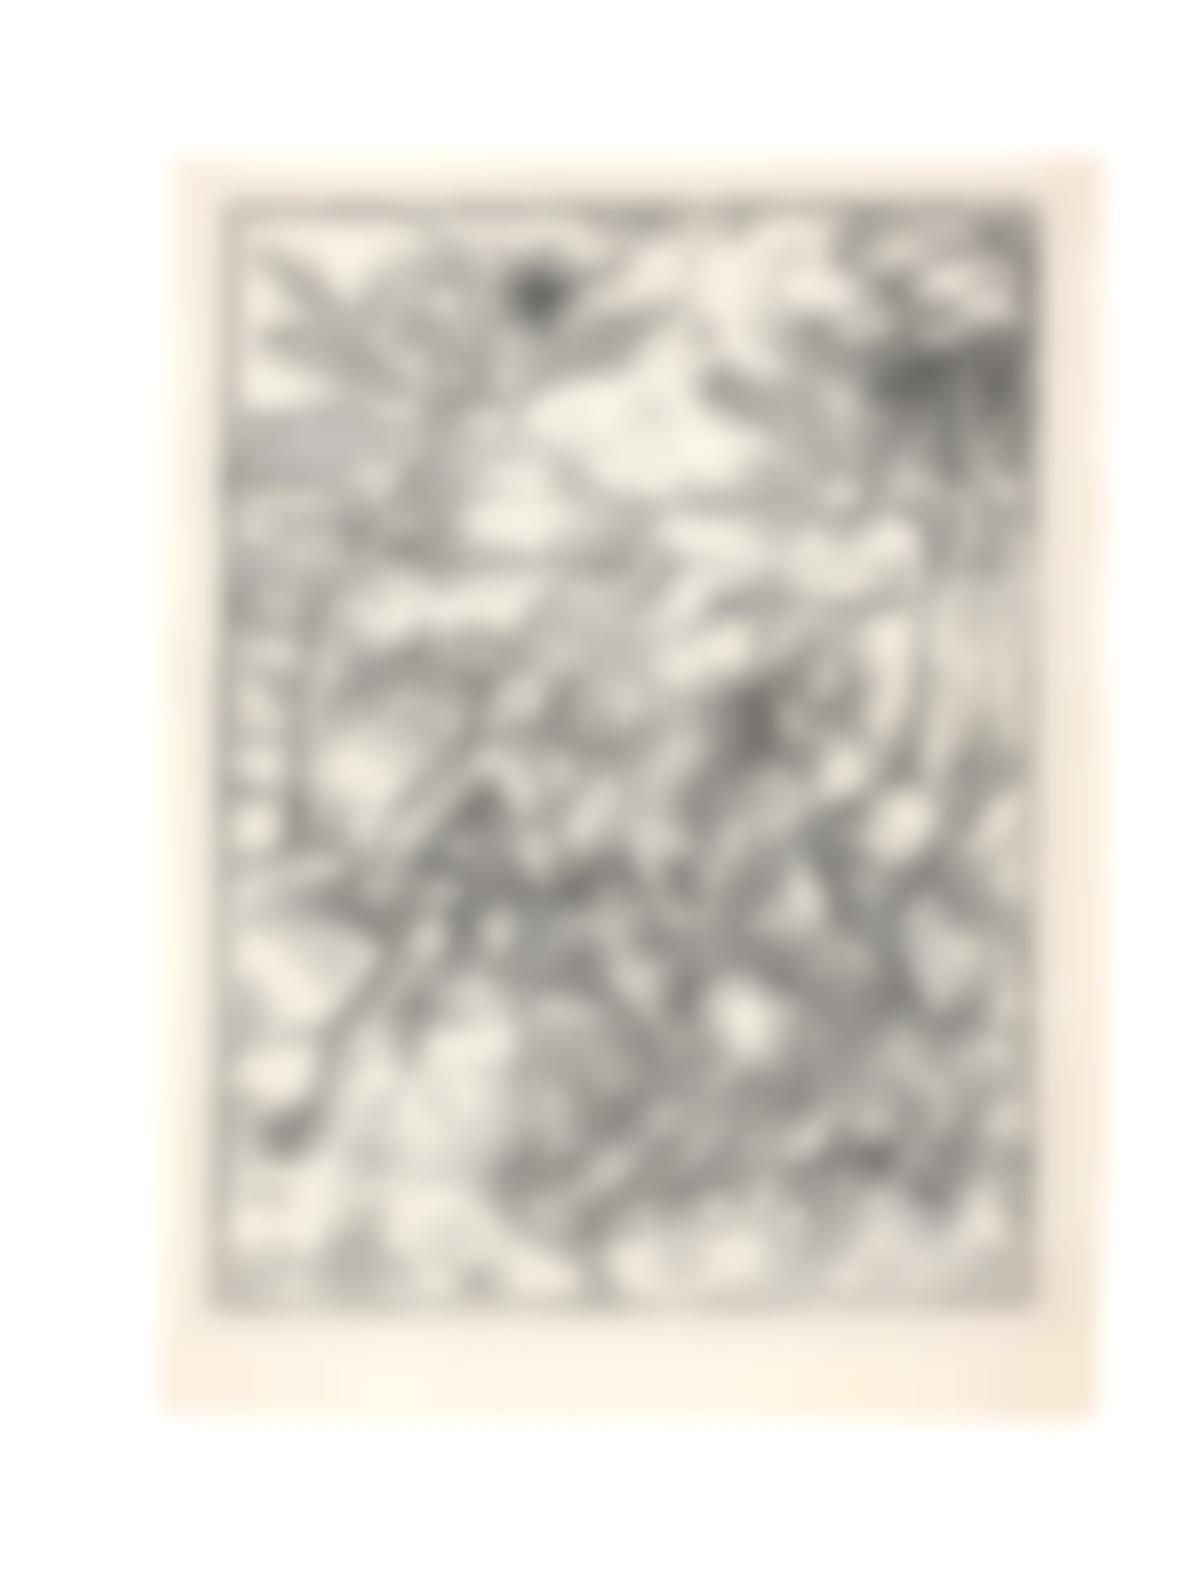 Albrecht Durer-Hercules Conquering The Molionide Twins (Bartsch 127; Meder, Hollstein 238; Schoch, Mende And Scherbaum 105)-1496